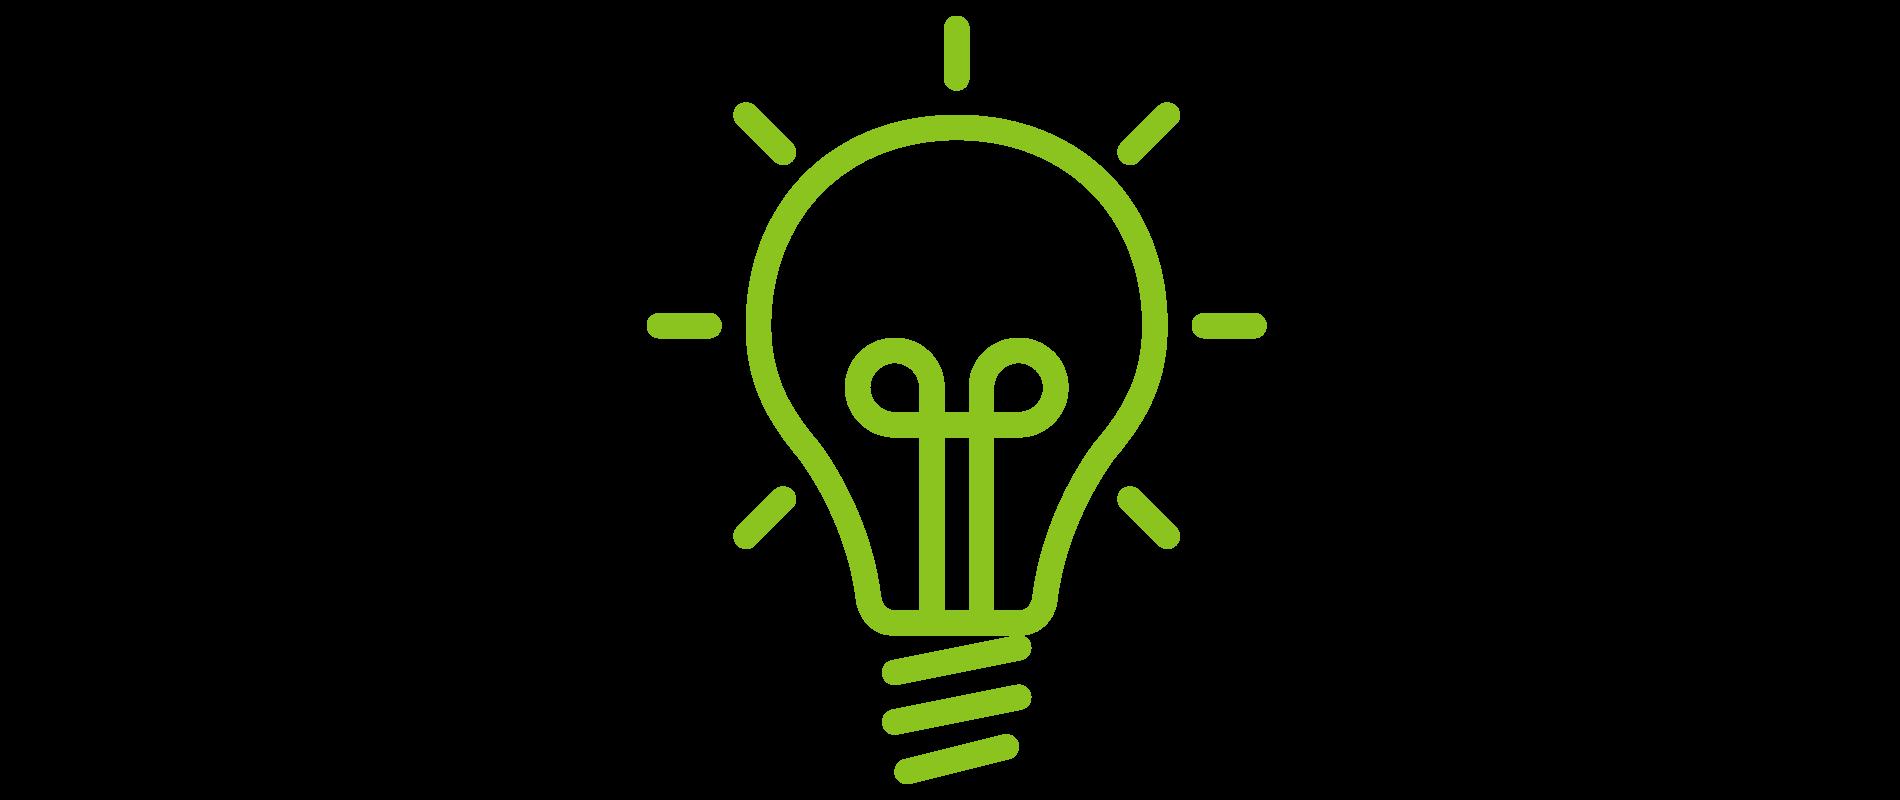 Entrepreneur_icon_ActivateVP.png